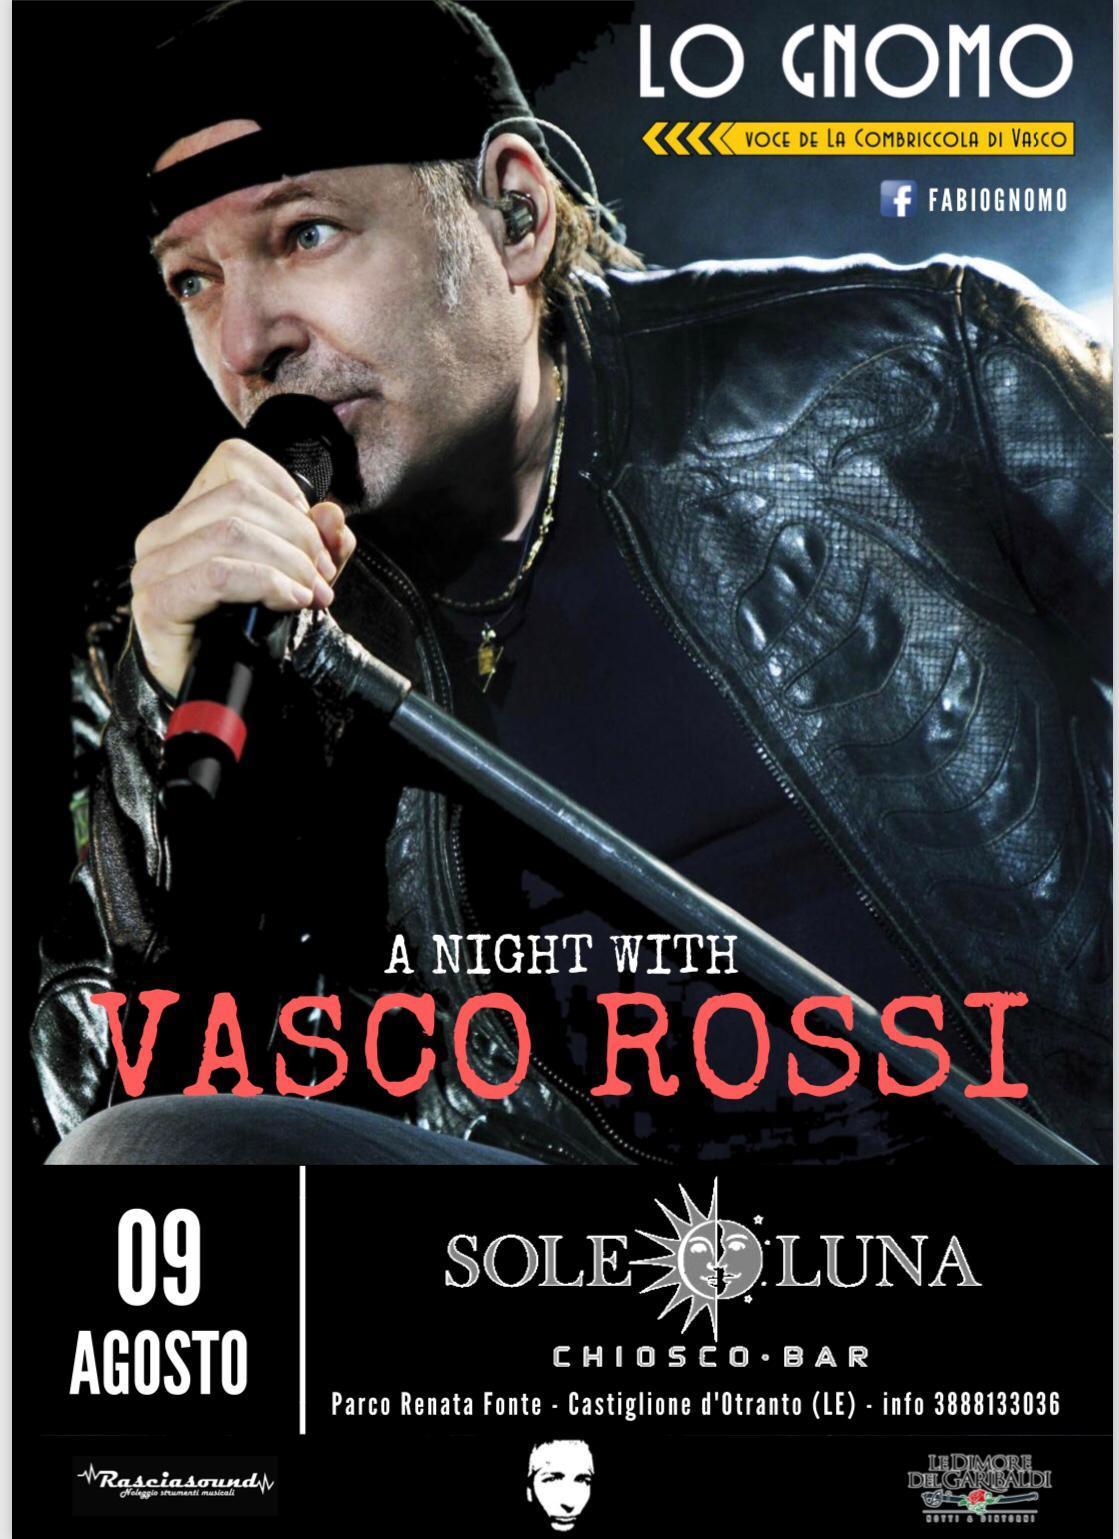 """Castiglione d'Otranto: serata chiosco sole luna cover """"Vasco Rossi"""" tutti in villa!"""